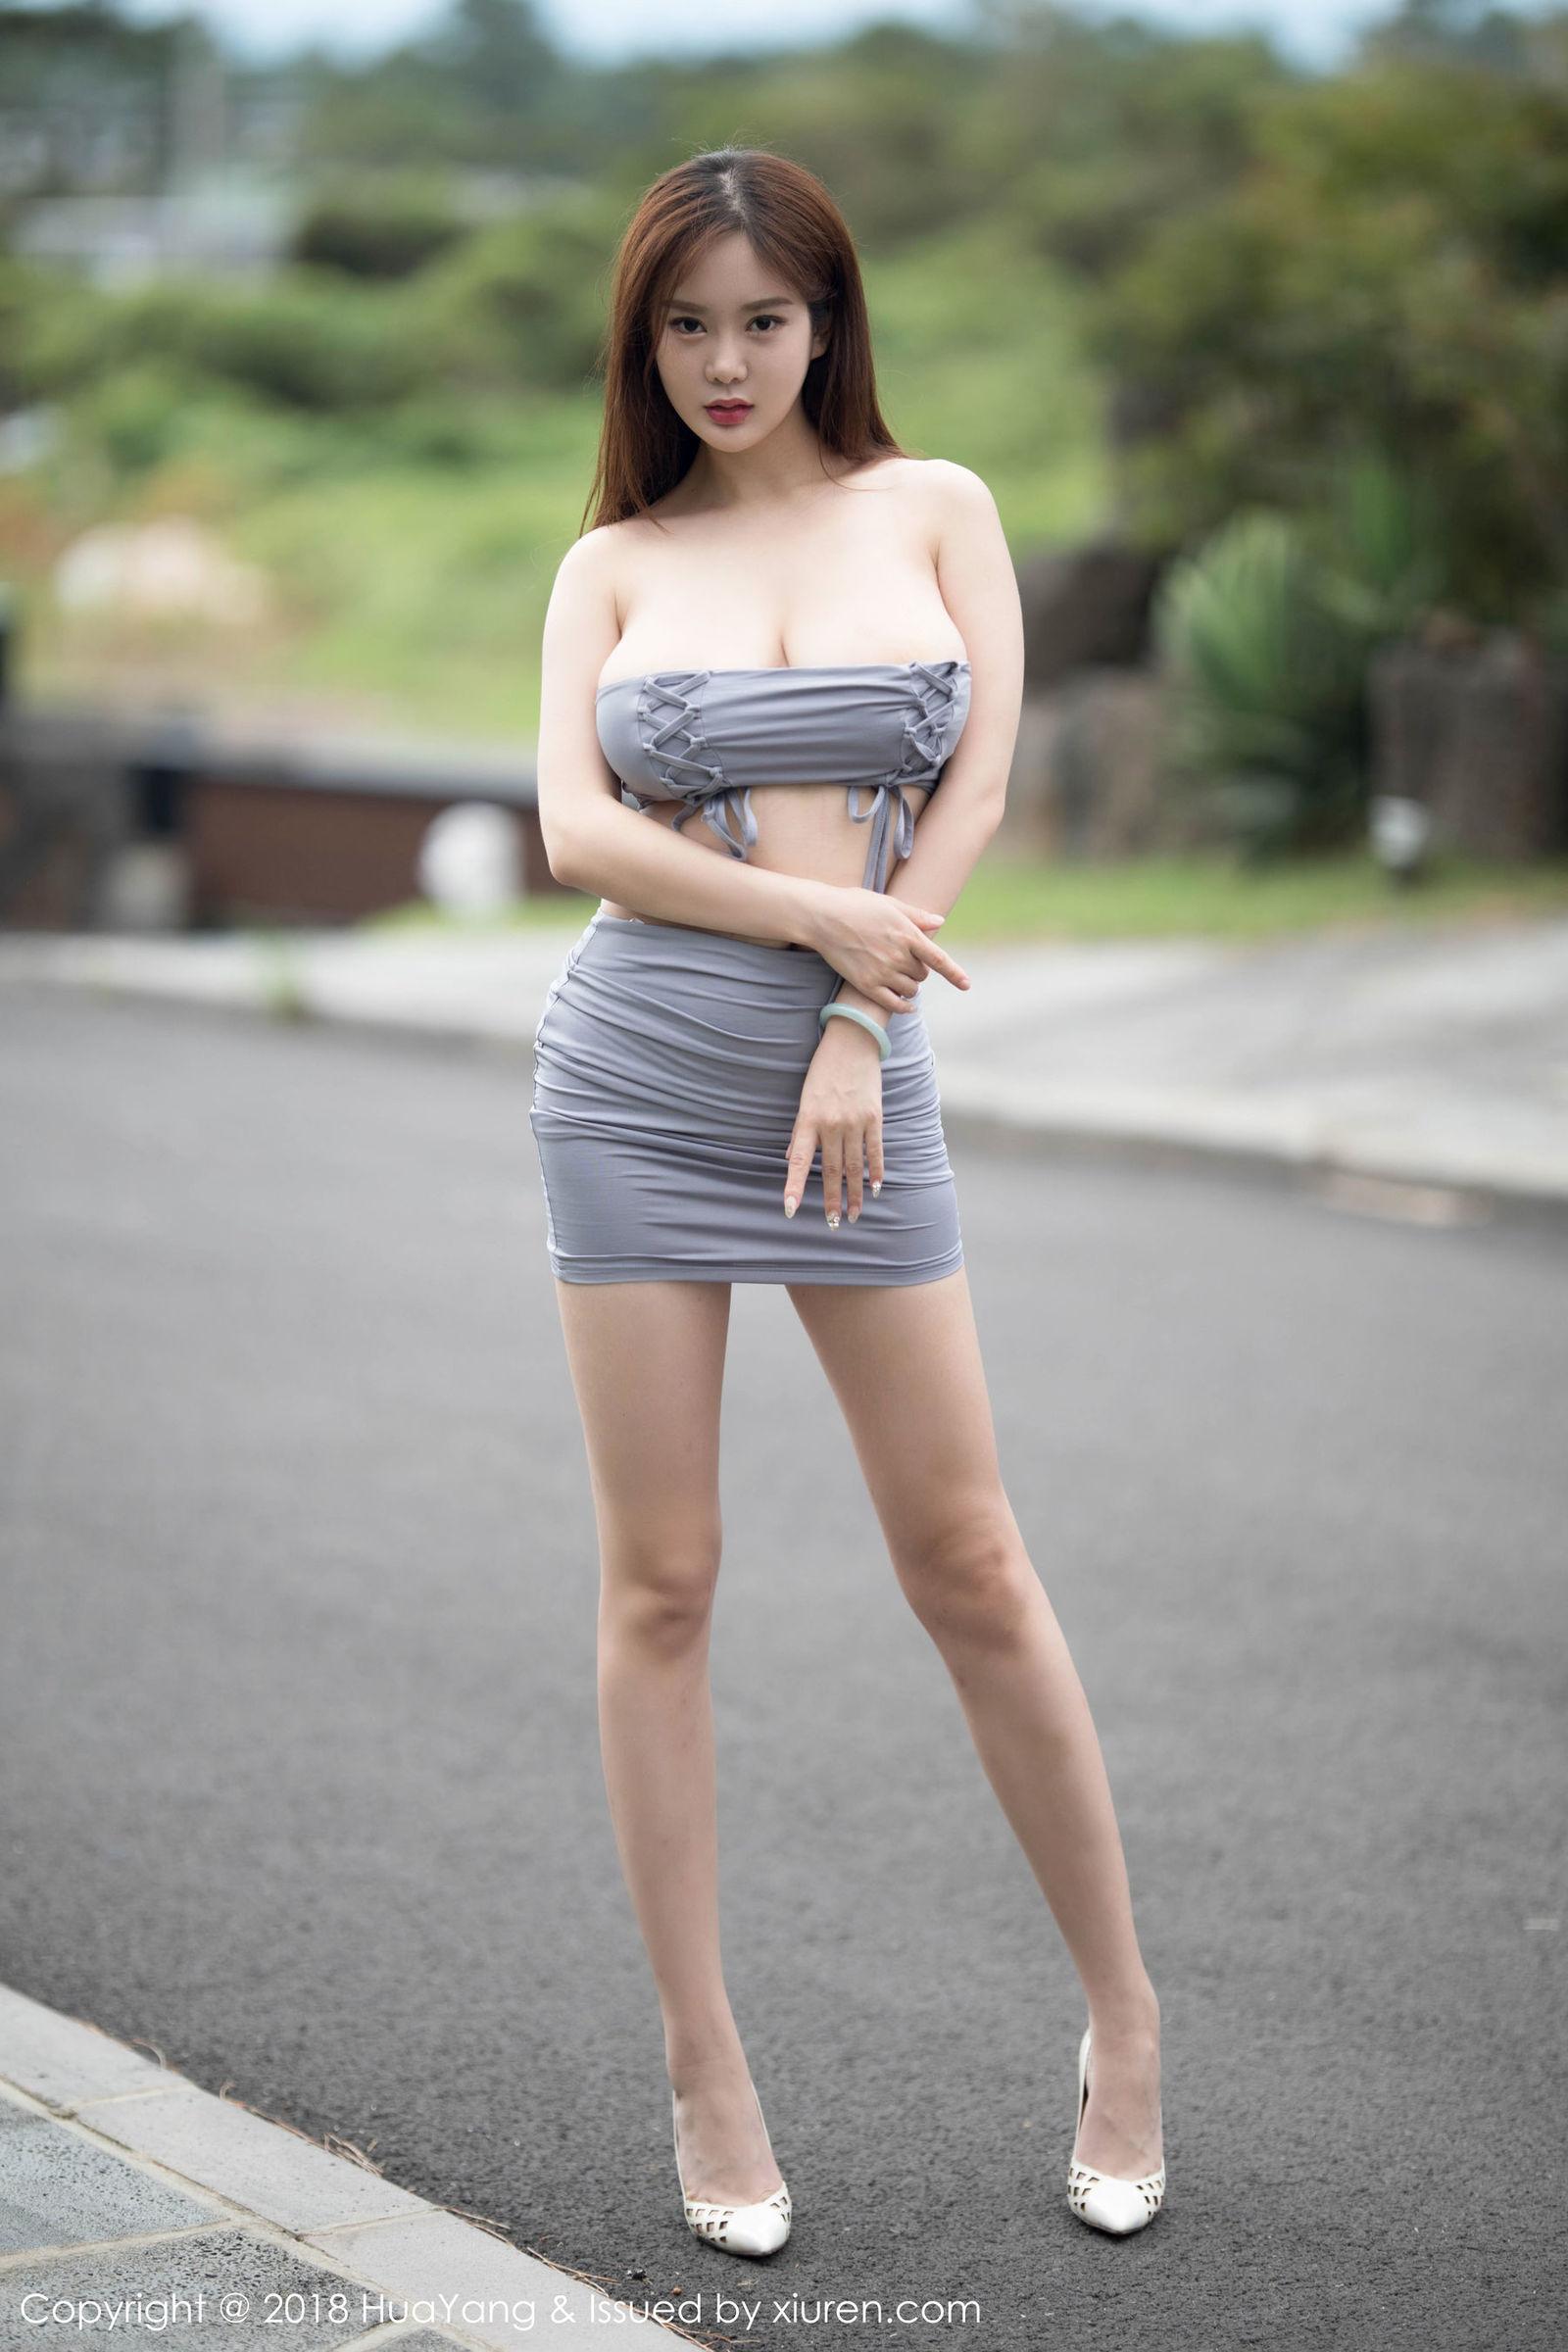 易阳Silvia - 肚兜巨乳诱惑